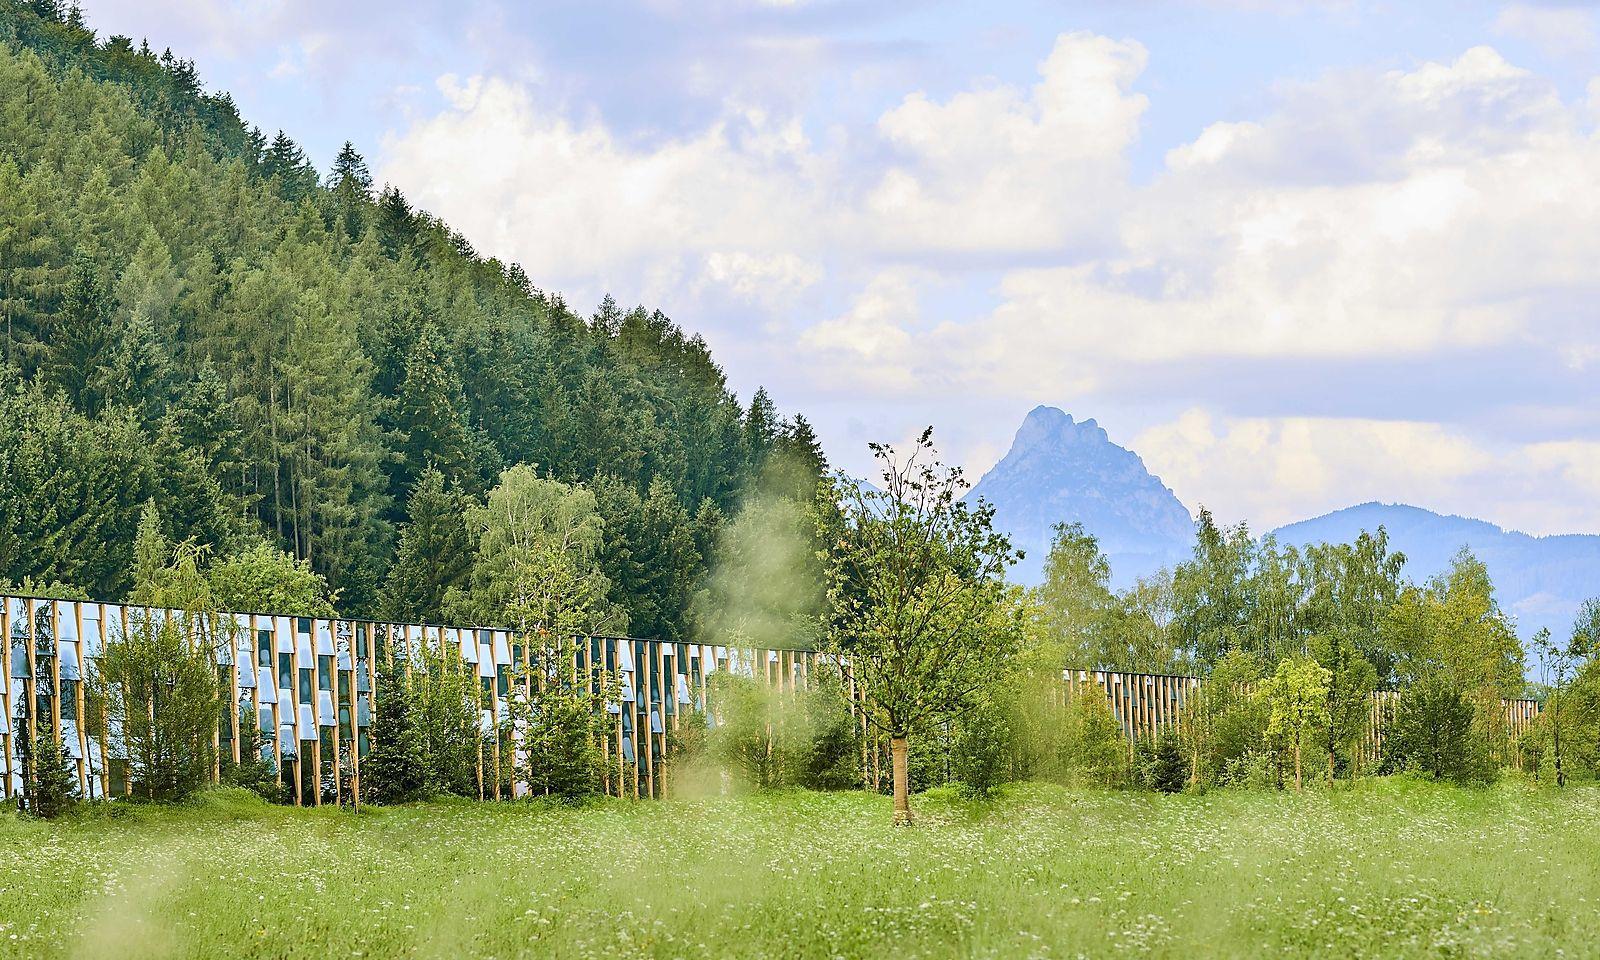 Geheizt wird mit Erdwärme, frische Luft kommt vom nahen Waldrand.